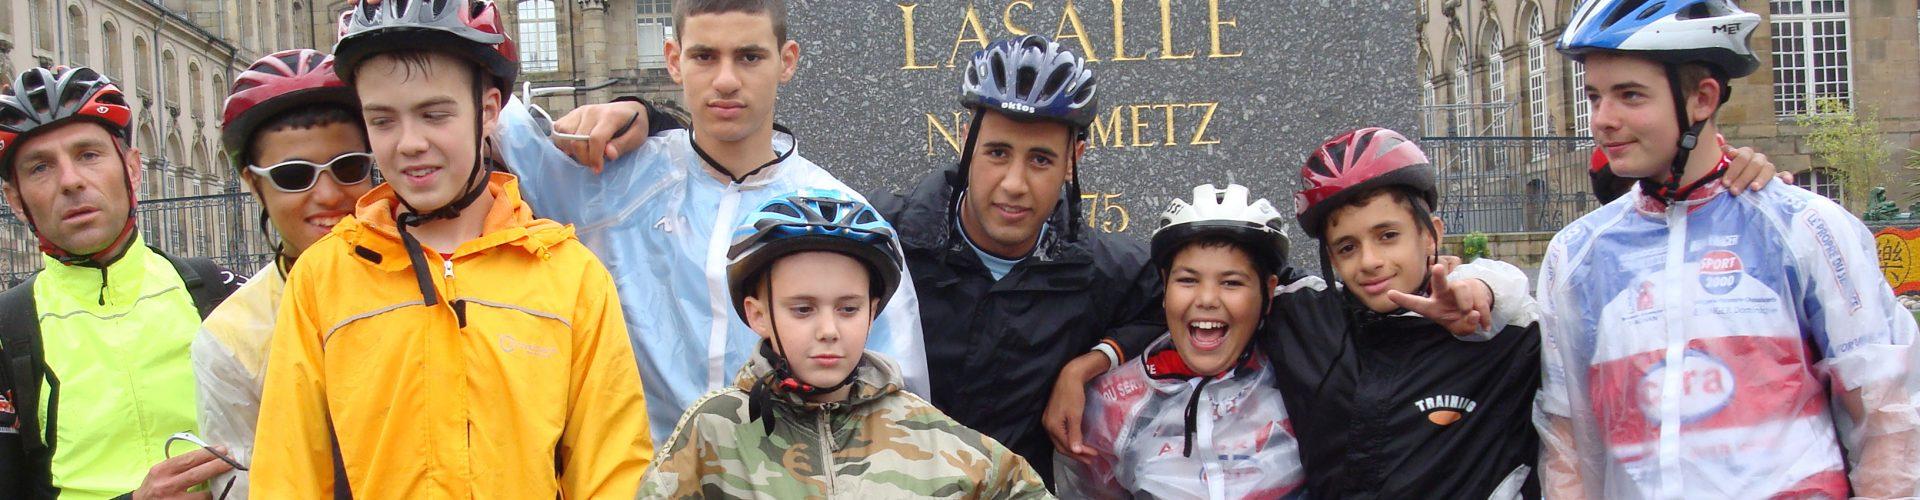 Sortie Vélo - Metz